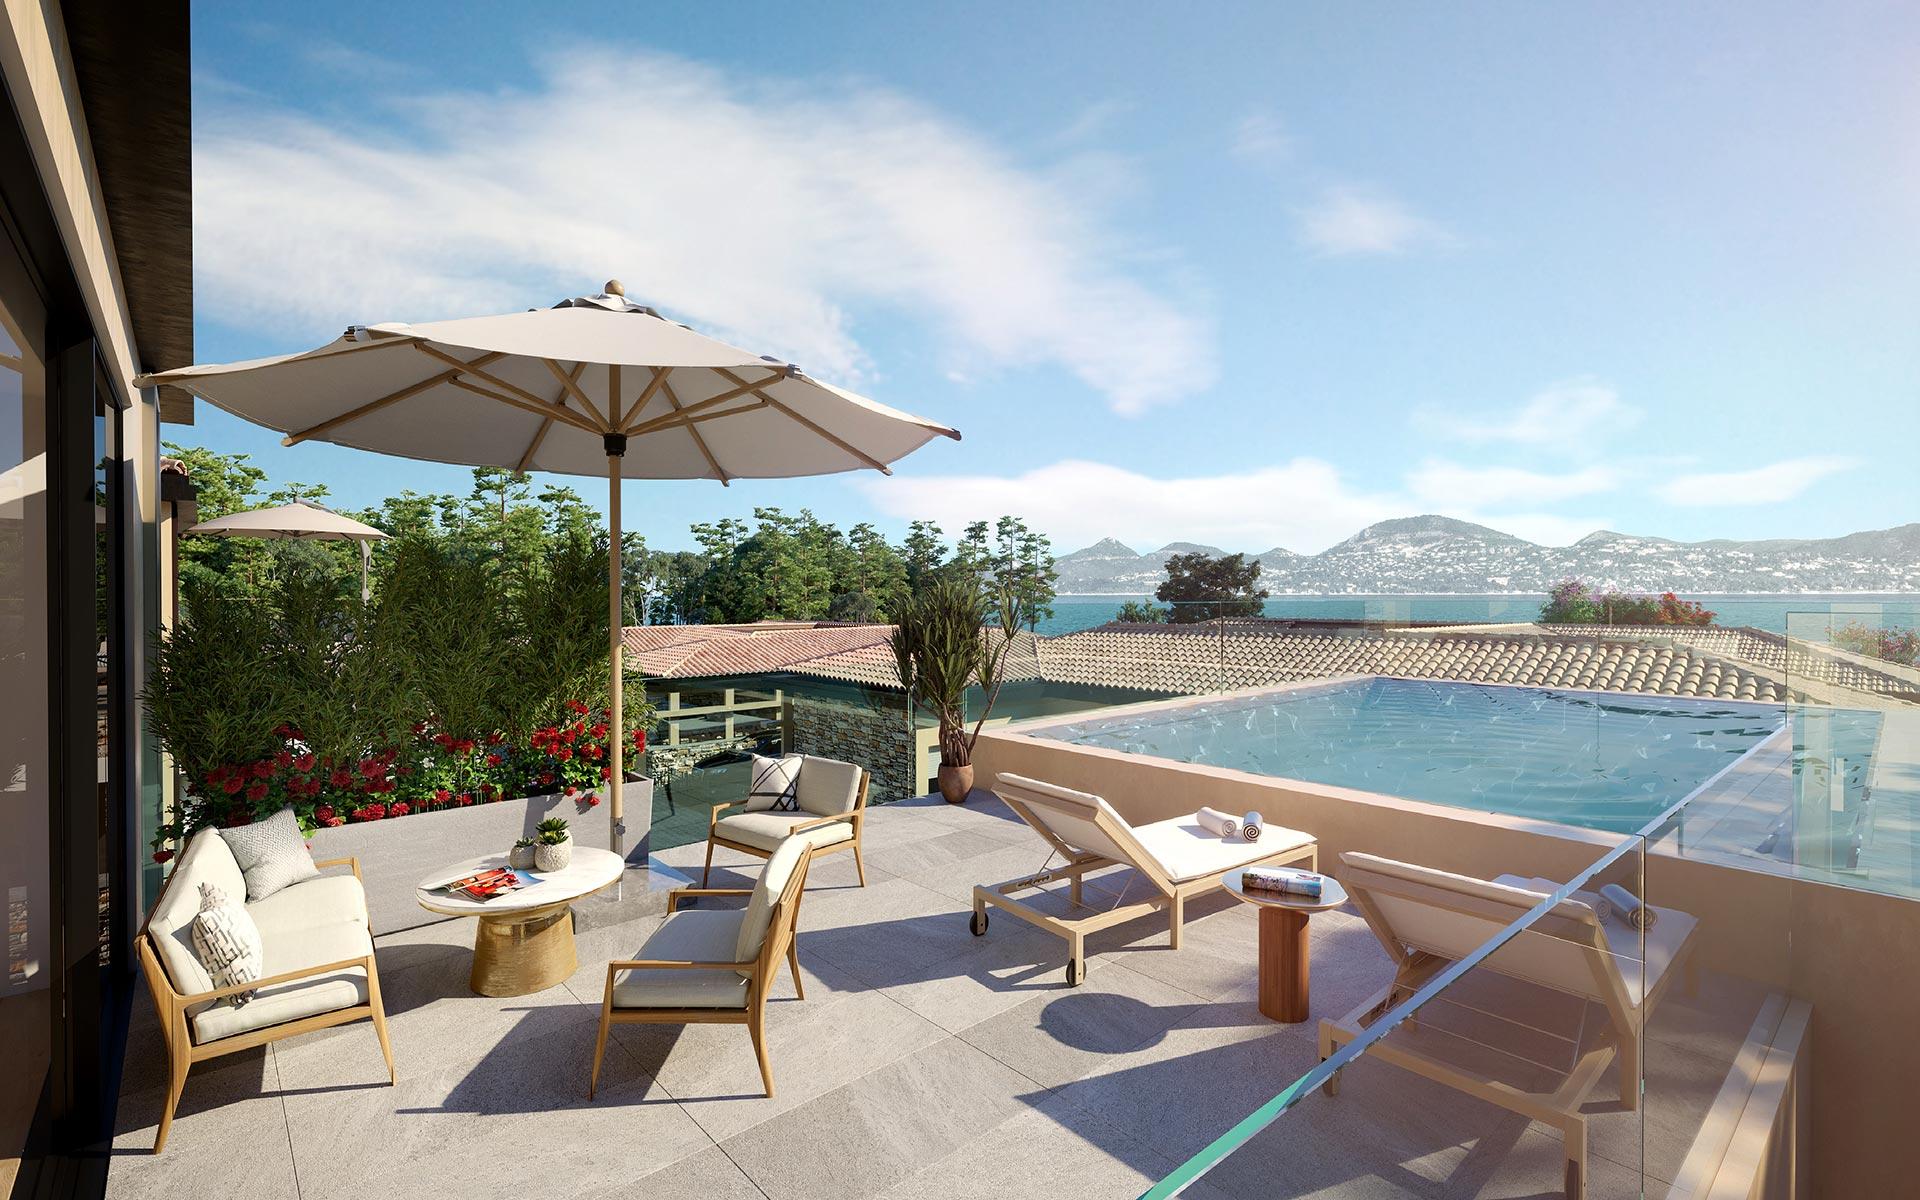 3D luxury terrace perspective in a new villa in saint-tropez